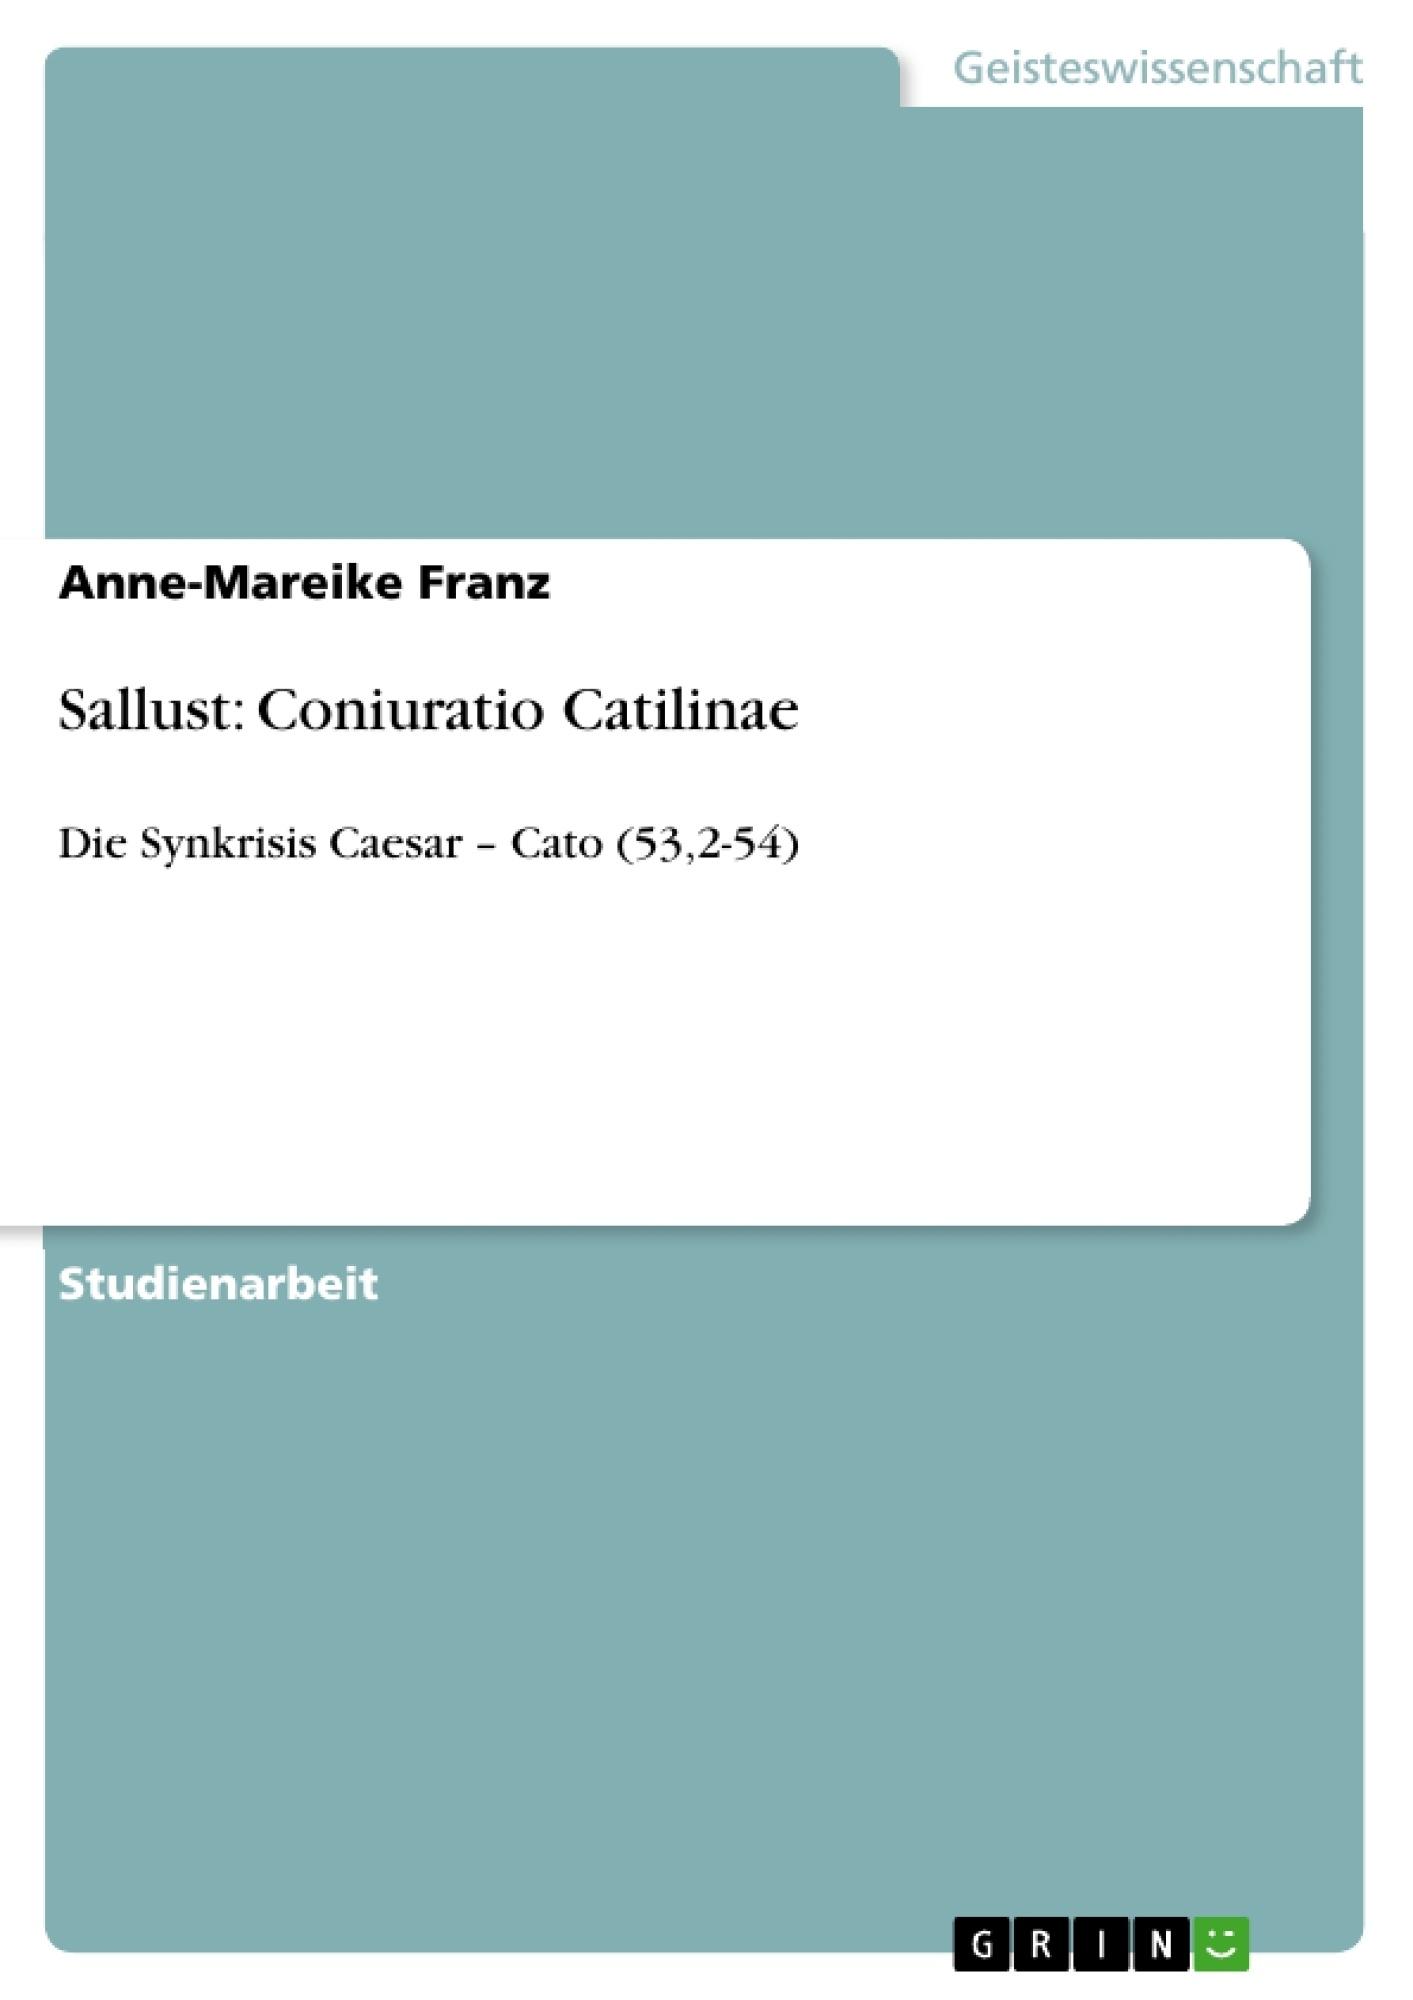 Titel: Sallust: Coniuratio Catilinae